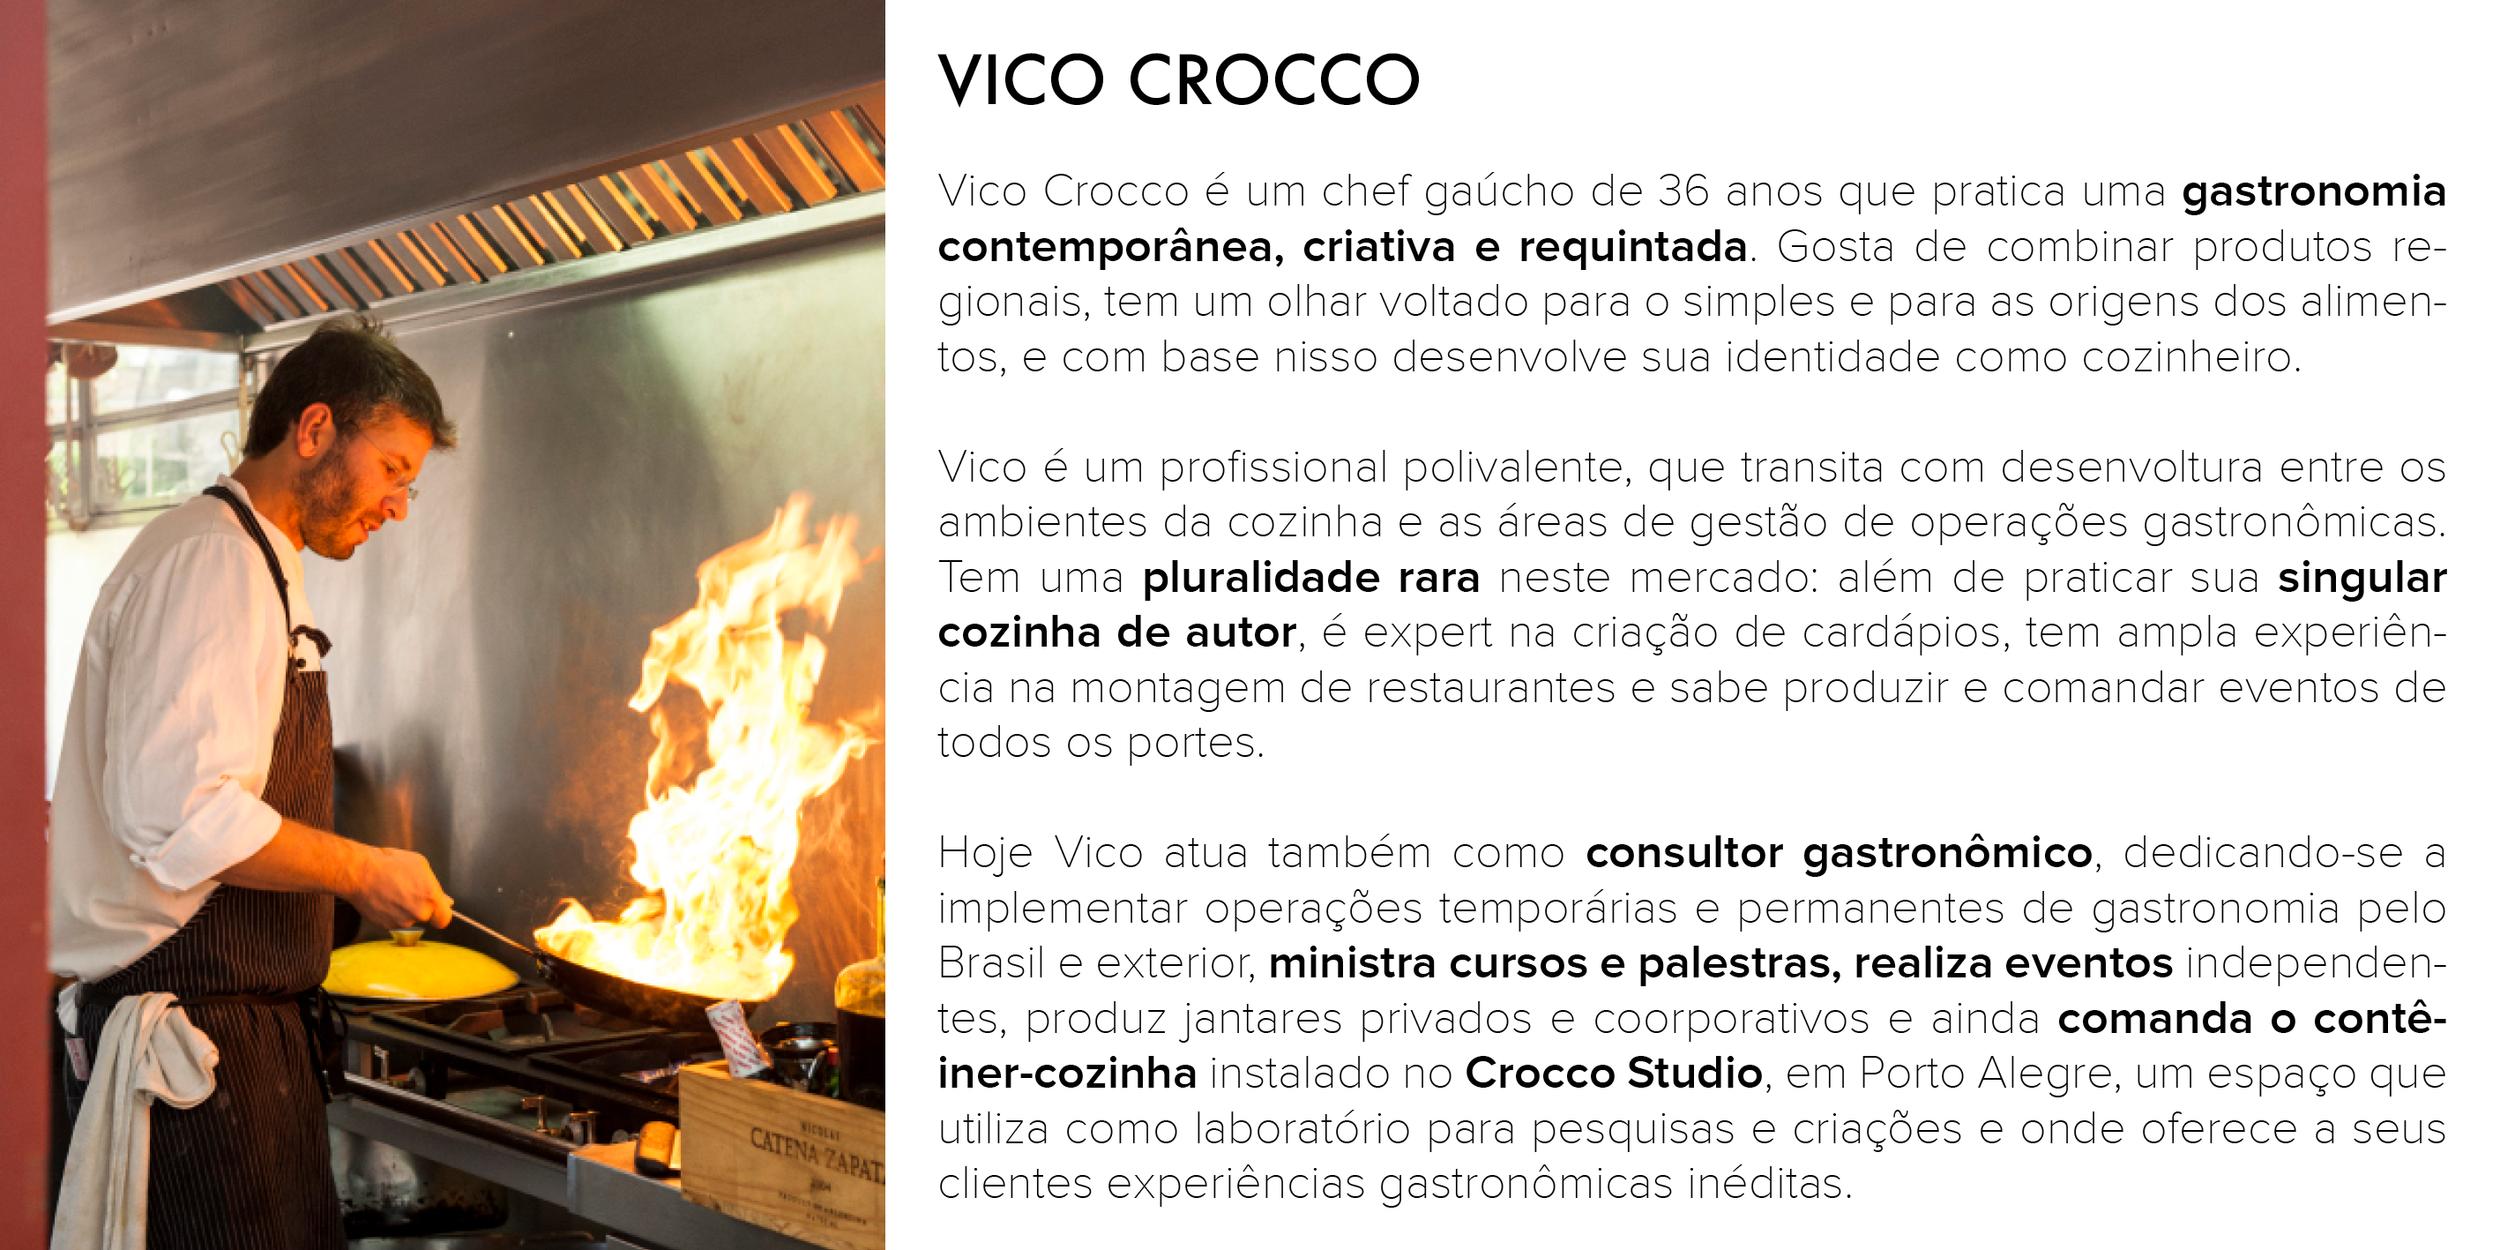 Vico Crocco - Sobre 1(2).png